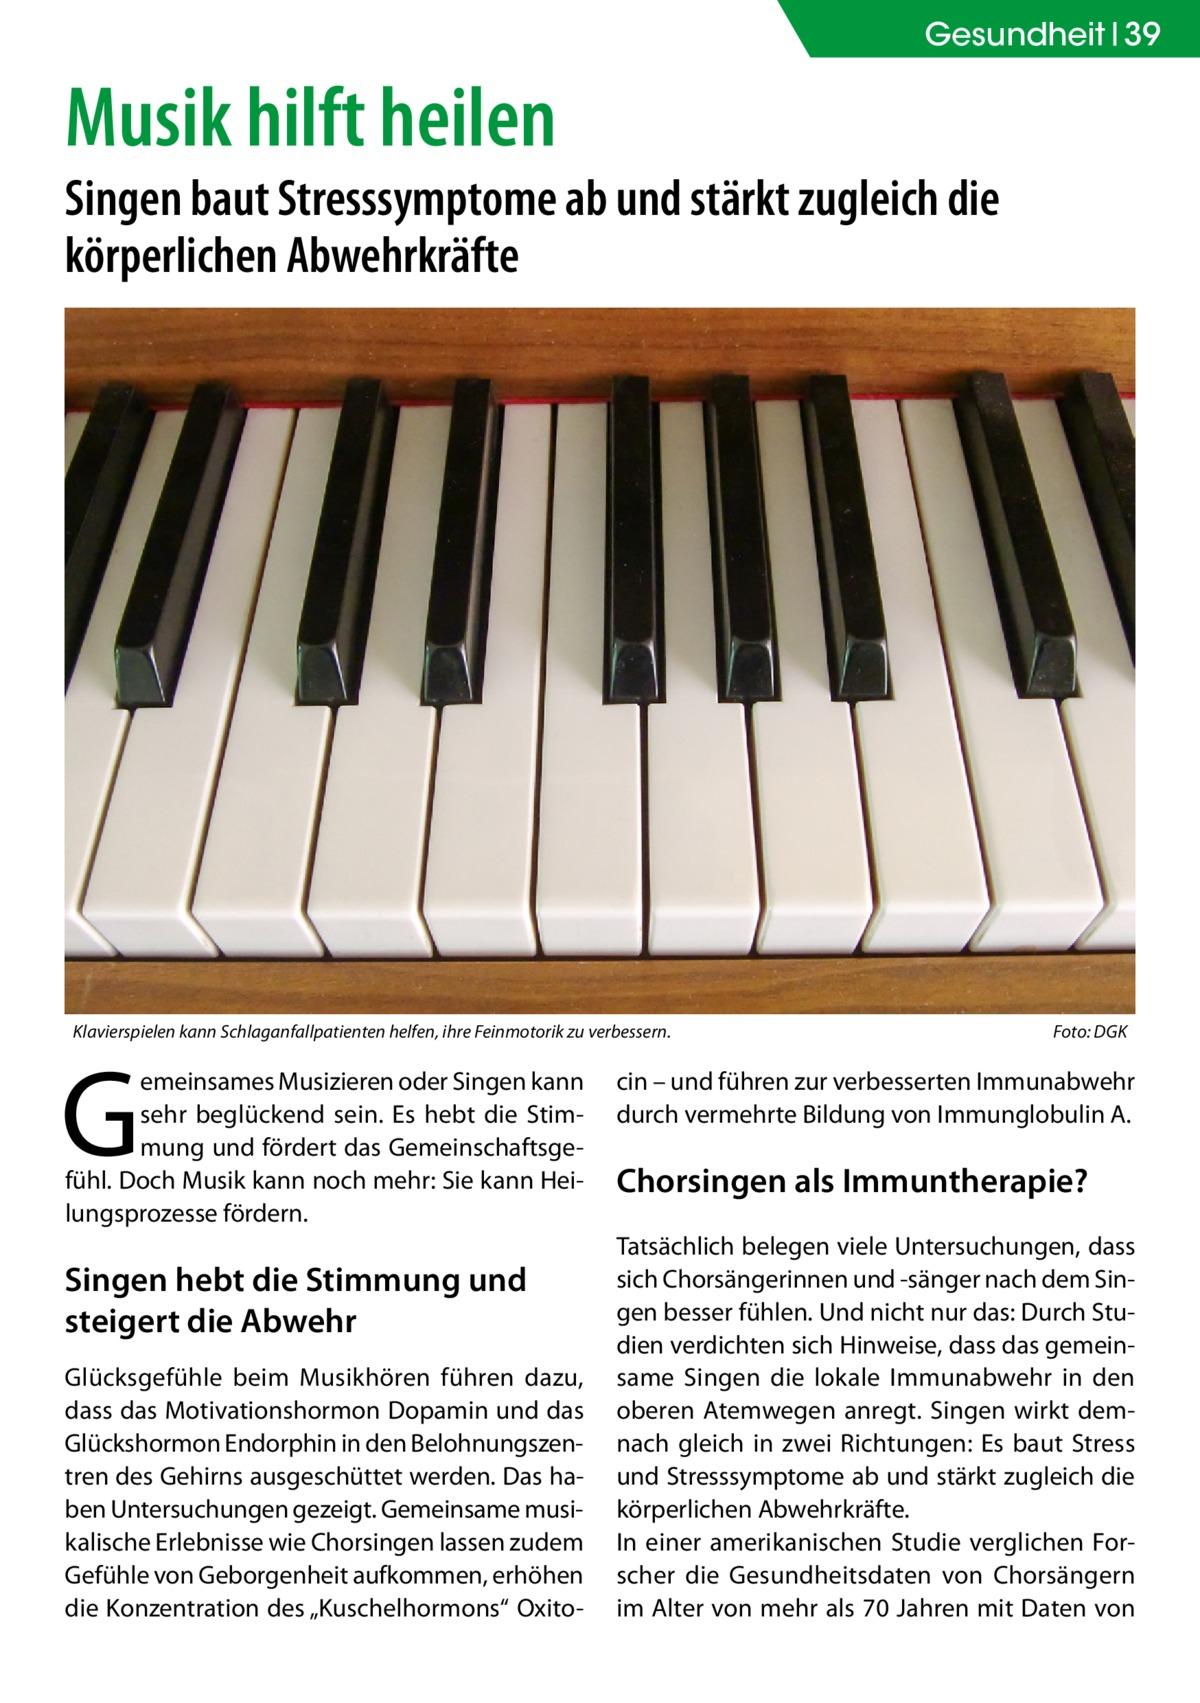 """Gesundheit 39  Musik hilft heilen  Singen baut Stresssymptome ab und stärkt zugleich die körperlichen Abwehrkräfte  Klavierspielen kann Schlaganfallpatienten helfen, ihre Feinmotorik zu verbessern.�  G  emeinsames Musizieren oder Singen kann sehr beglückend sein. Es hebt die Stimmung und fördert das Gemeinschaftsgefühl. Doch Musik kann noch mehr: Sie kann Heilungsprozesse fördern.  Singen hebt die Stimmung und steigert die Abwehr Glücksgefühle beim Musikhören führen dazu, dass das Motivationshormon Dopamin und das Glückshormon Endorphin in den Belohnungszentren des Gehirns ausgeschüttet werden. Das haben Untersuchungen gezeigt. Gemeinsame musikalische Erlebnisse wie Chorsingen lassen zudem Gefühle von Geborgenheit aufkommen, erhöhen die Konzentration des """"Kuschelhormons"""" Oxito Foto: DGK  cin – und führen zur verbesserten Immunabwehr durch vermehrte Bildung von Immunglobulin A.  Chorsingen als Immuntherapie? Tatsächlich belegen viele Untersuchungen, dass sich Chorsängerinnen und -sänger nach dem Singen besser fühlen. Und nicht nur das: Durch Studien verdichten sich Hinweise, dass das gemeinsame Singen die lokale Immunabwehr in den oberen Atemwegen anregt. Singen wirkt demnach gleich in zwei Richtungen: Es baut Stress und Stresssymptome ab und stärkt zugleich die körperlichen Abwehrkräfte. In einer amerikanischen Studie verglichen Forscher die Gesundheitsdaten von Chorsängern im Alter von mehr als 70 Jahren mit Daten von"""